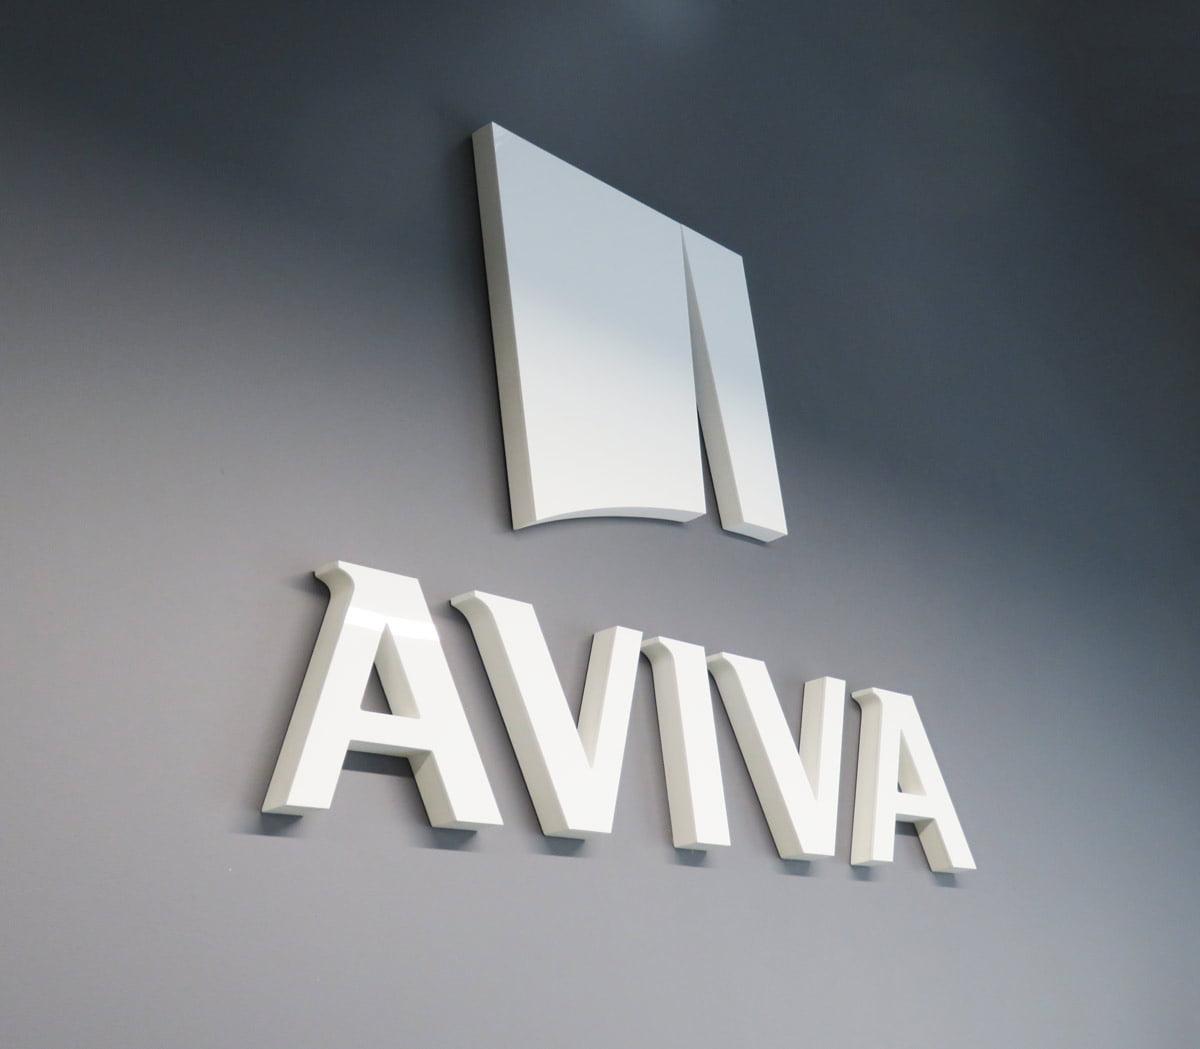 Litery przestrzenne ze styroduru na ścianę dla firmy AVIVA